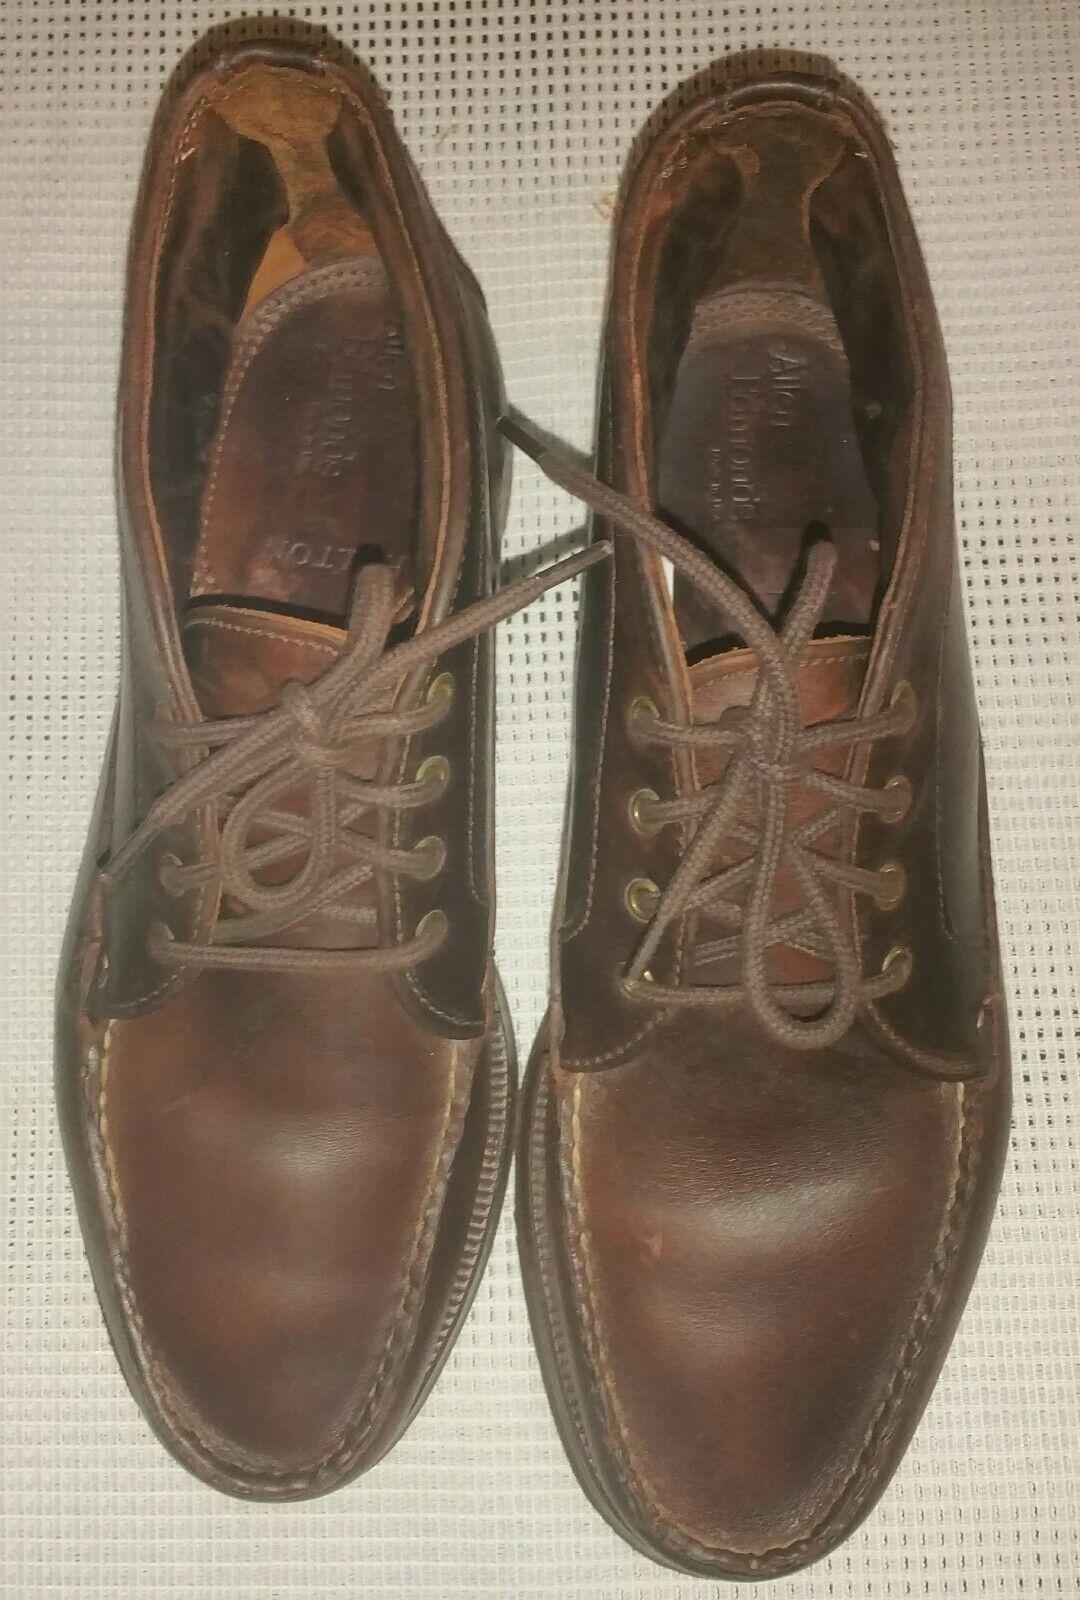 Allen Edmond Holton Chelsea  Herren Leder Stiefel Stiefel Braun Gr. 42 UK 8